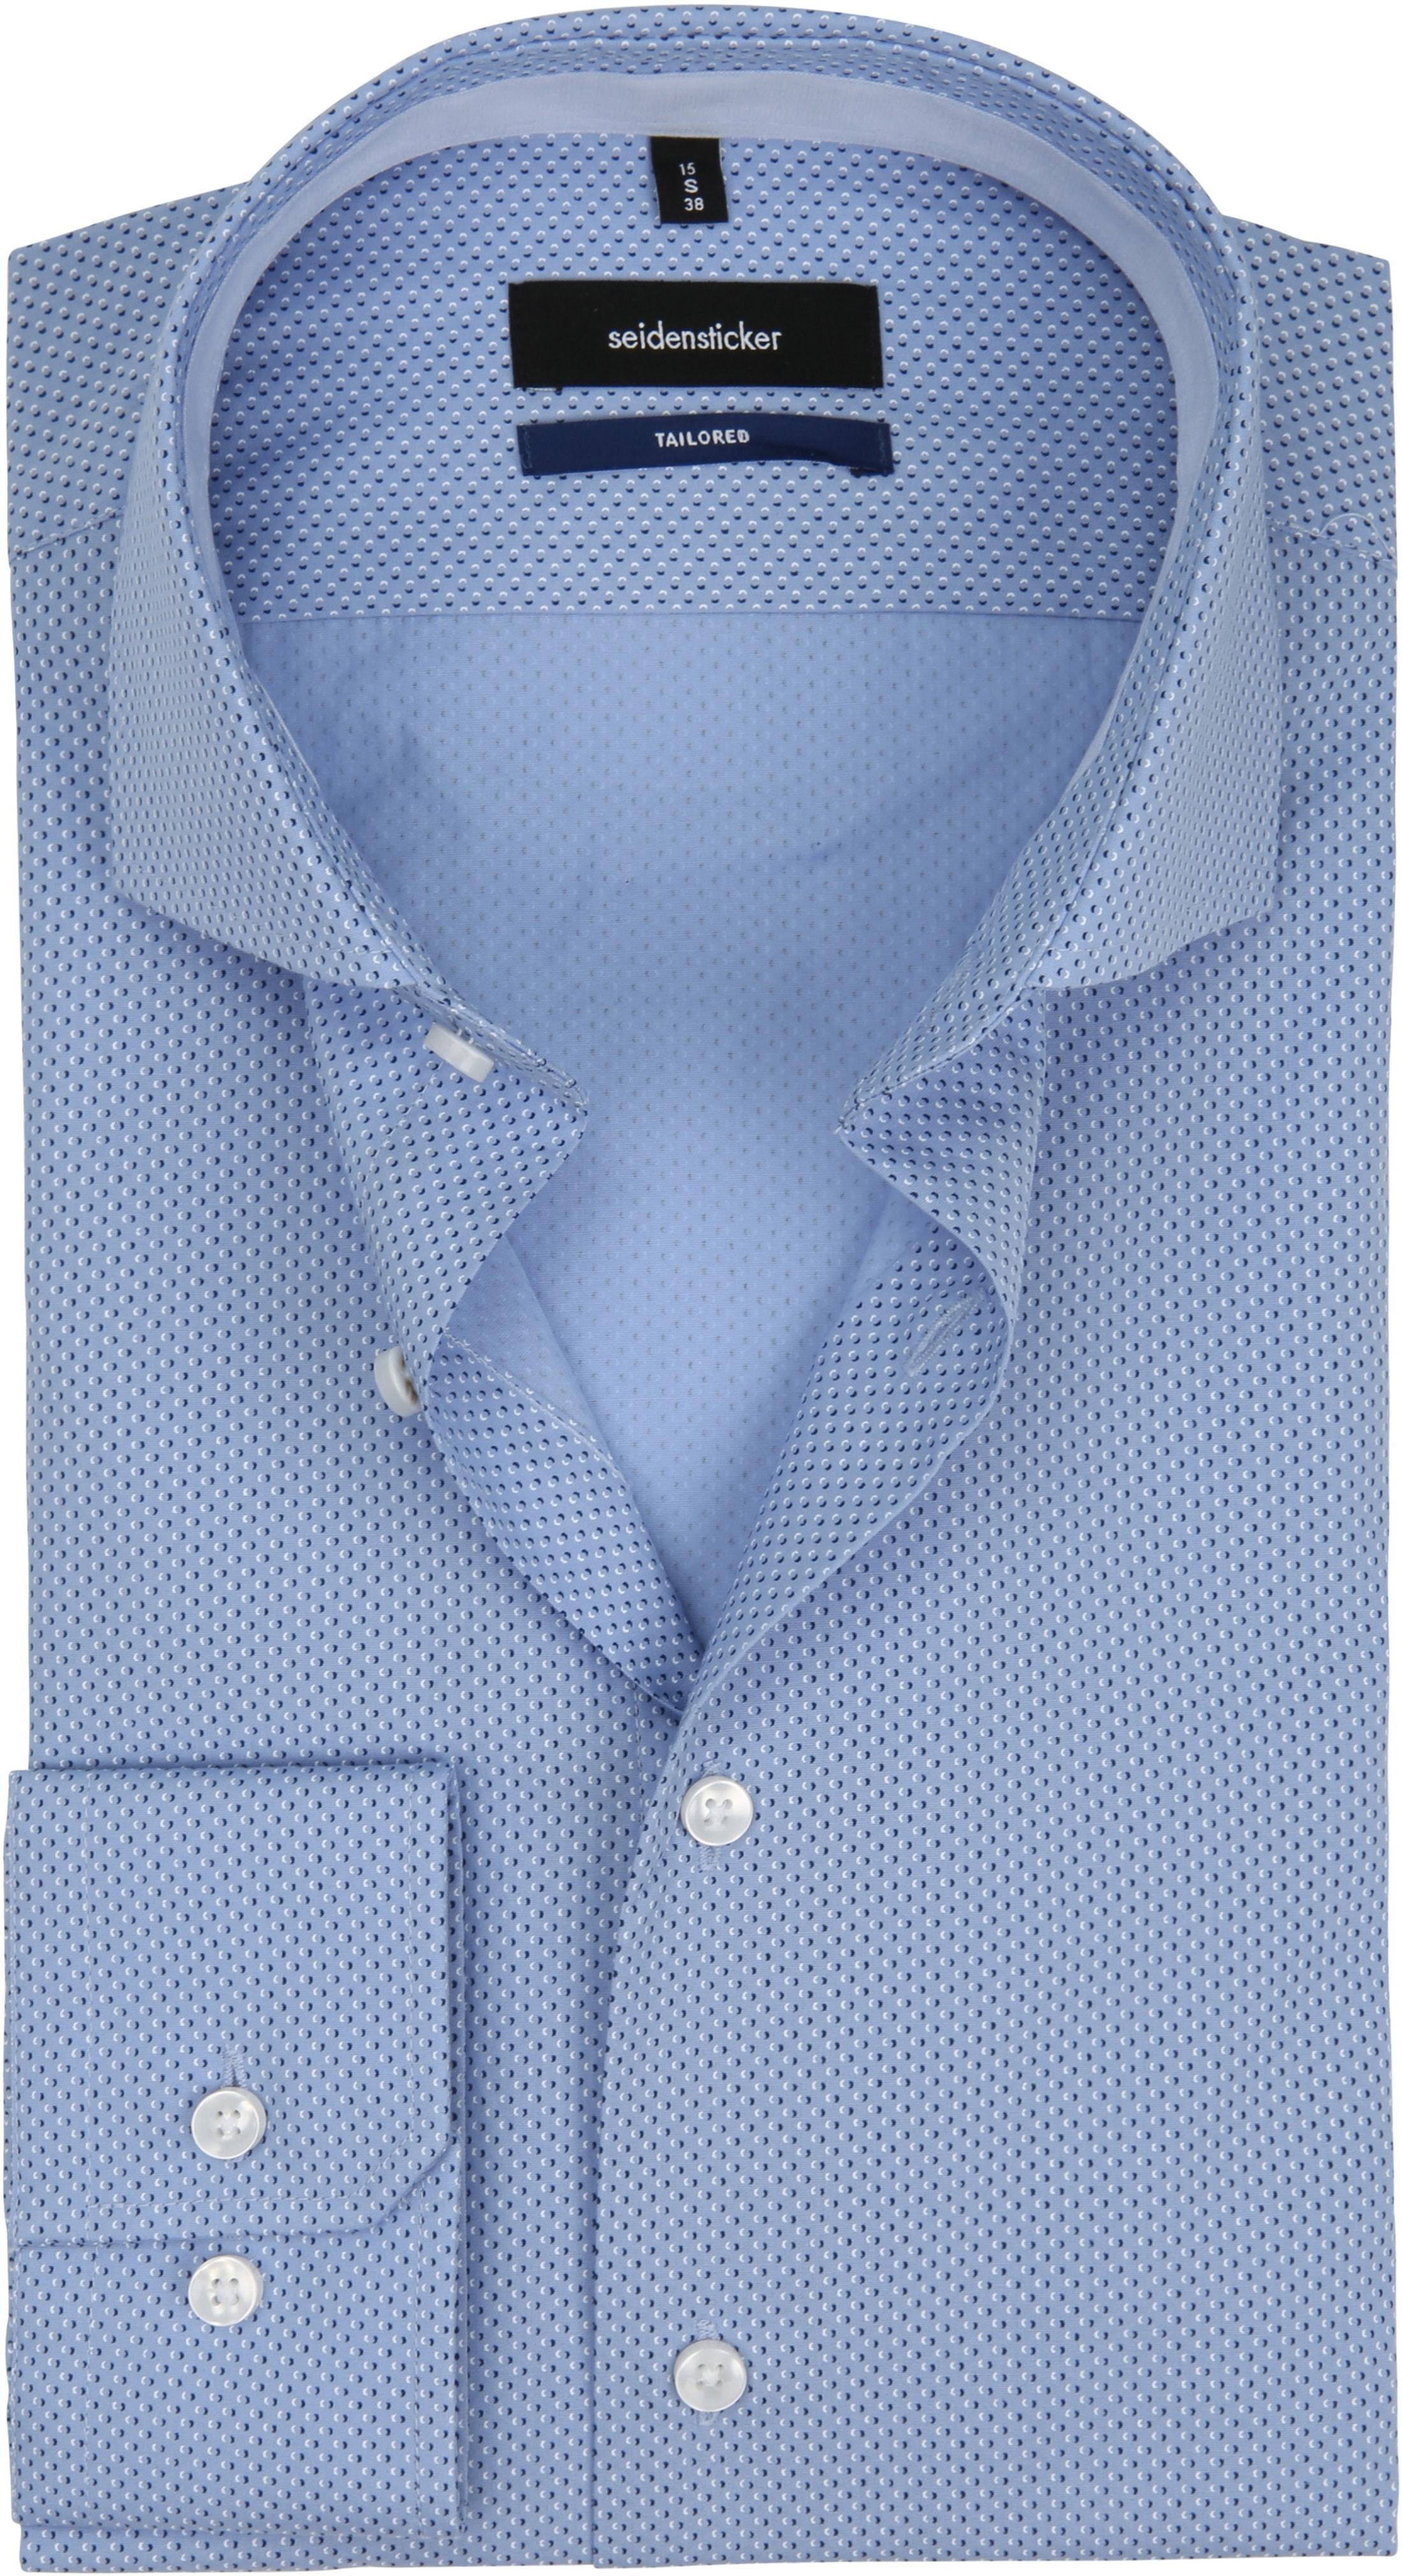 Seidensticker Overhemd TF Blauw Dessin foto 0